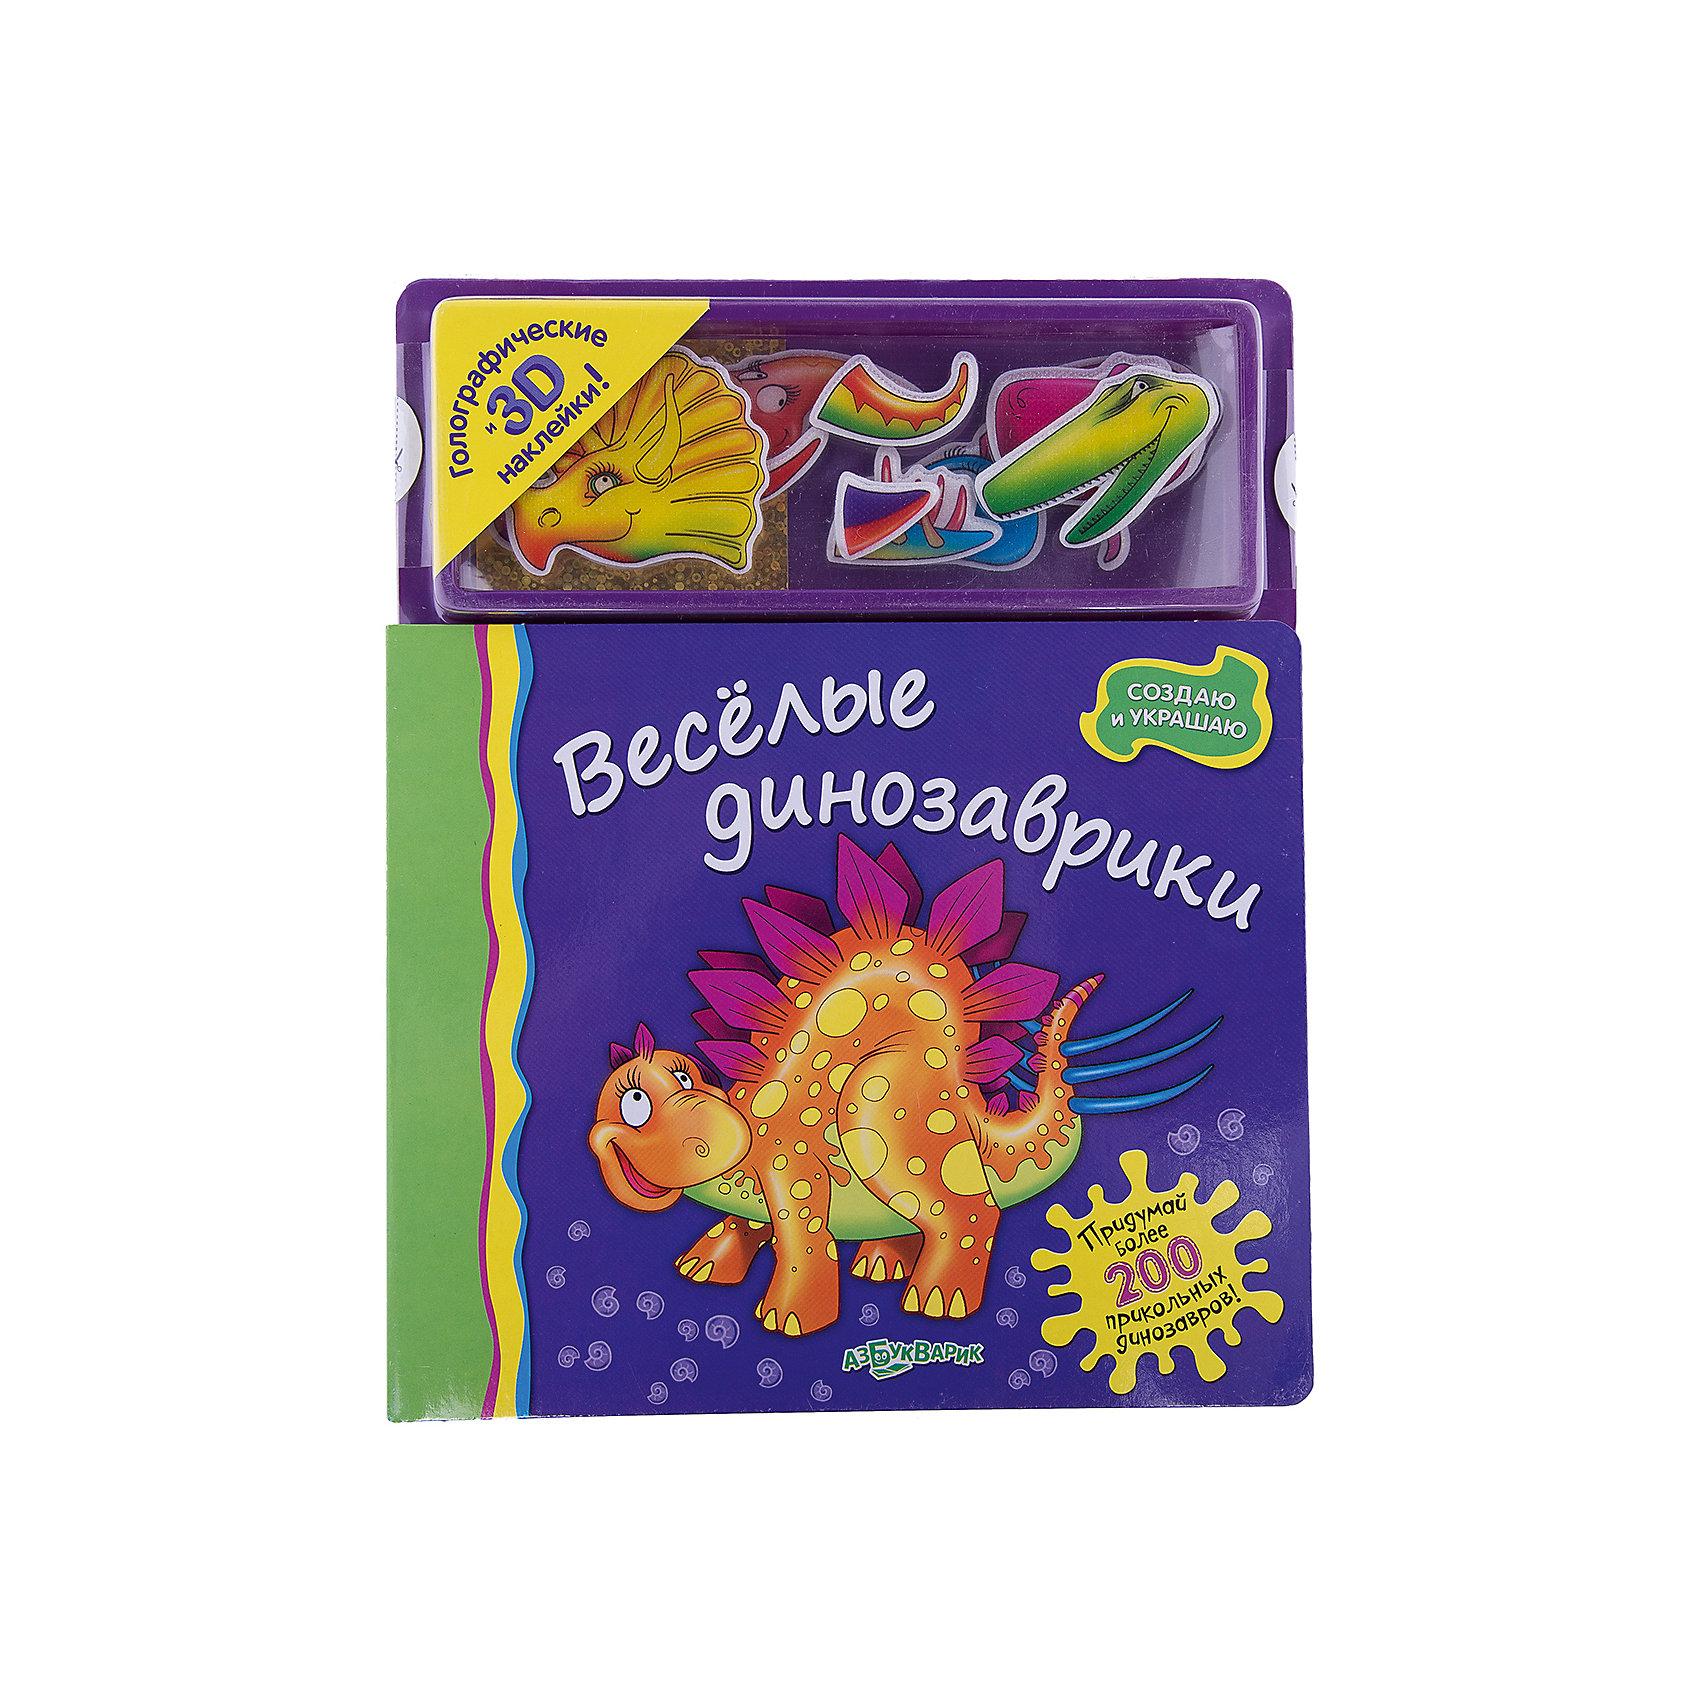 Книга с 3D наклейками Веселые динозаврикиМузыкальные книги<br>Отправляйся в гости к веселым динозаврам! Рассматривай яркие иллюстрации, играй с многоразовыми наклейками, придумывай новых невероятных животных. Эта книга приведет в восторг любого ребенка и даст юным фантазерам море возможностей для воплощения своих оригинальных идей! <br><br>Дополнительная информация:<br><br>- Формат: 25,5х26 см.<br>- Количество страниц: 12.<br>- Переплет: картон. <br>- Многоразовые голографические наклейки. <br><br>Книгу с 3D наклейками Веселые динозаврики можно купить в нашем магазине.<br><br>Ширина мм: 25<br>Глубина мм: 26<br>Высота мм: 25<br>Вес г: 348<br>Возраст от месяцев: 24<br>Возраст до месяцев: 48<br>Пол: Унисекс<br>Возраст: Детский<br>SKU: 4951831